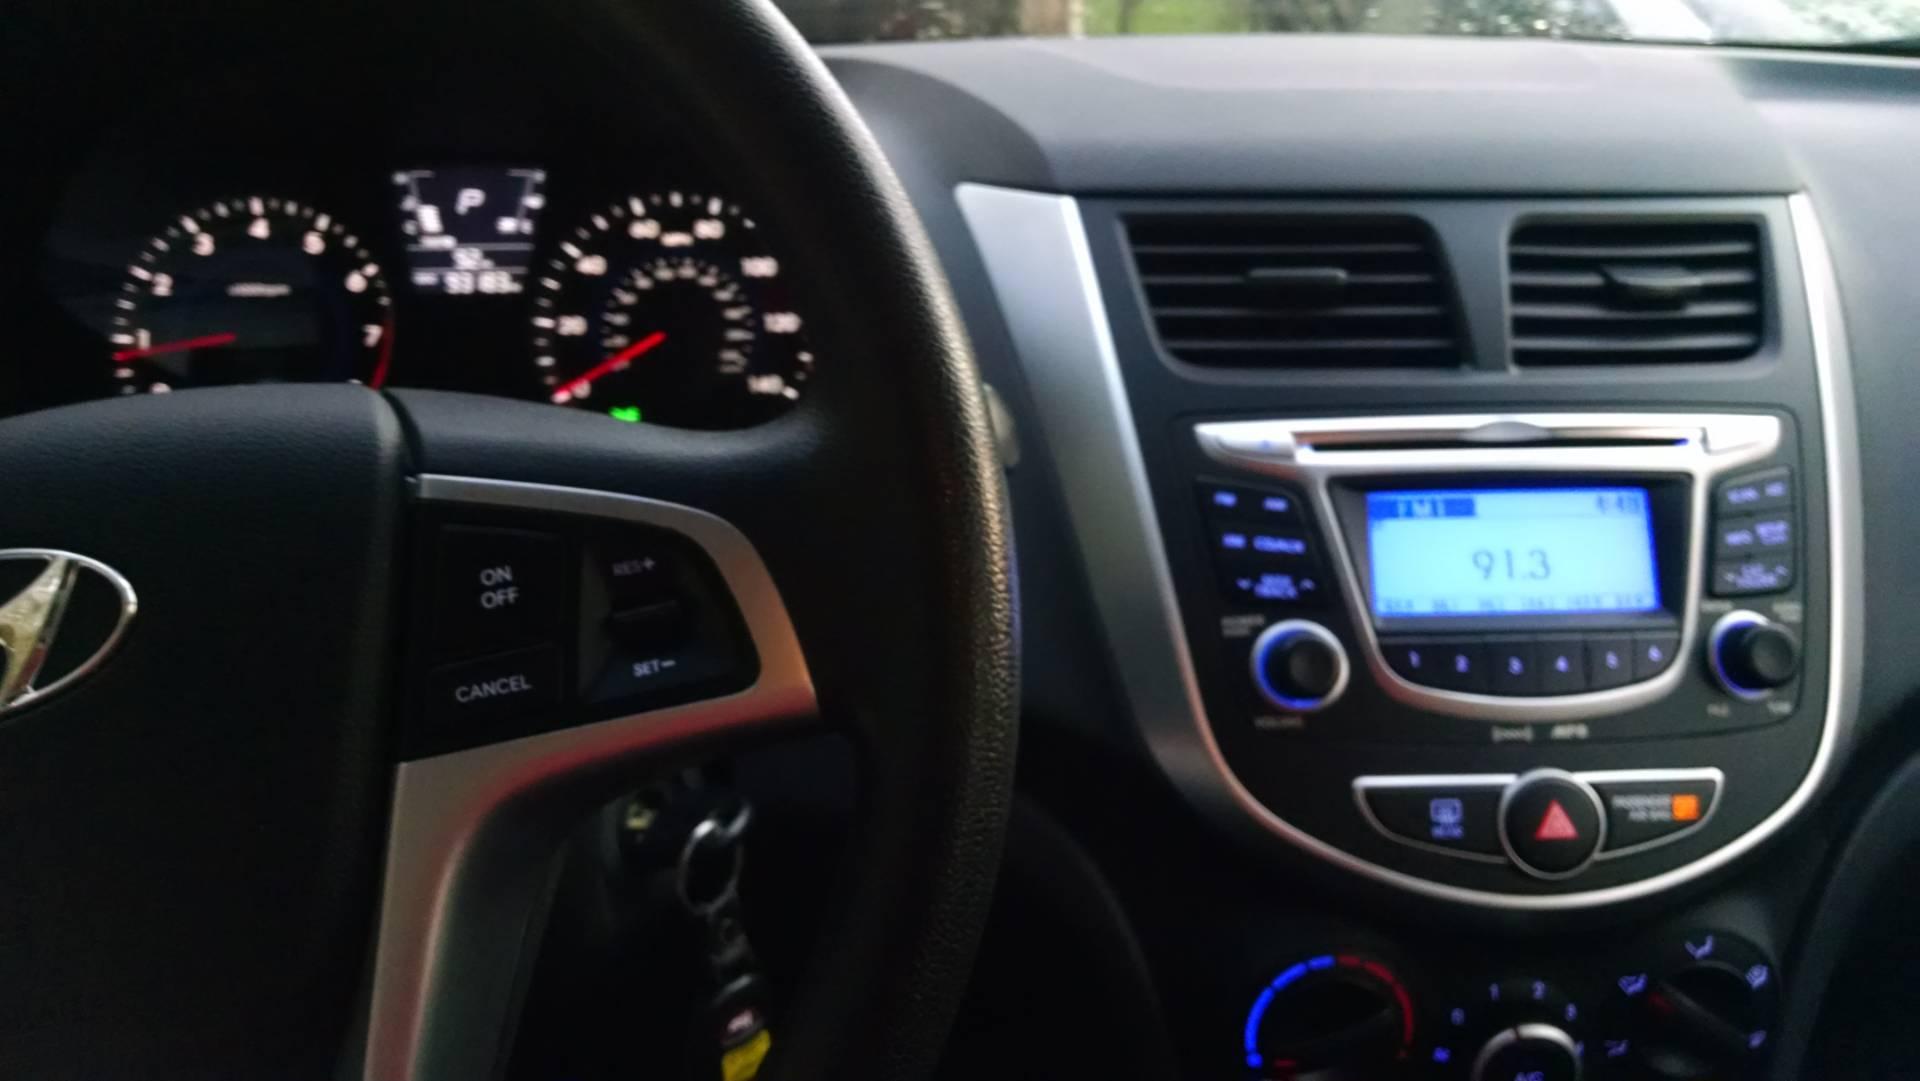 2012  Accent GLS Hatchback 8